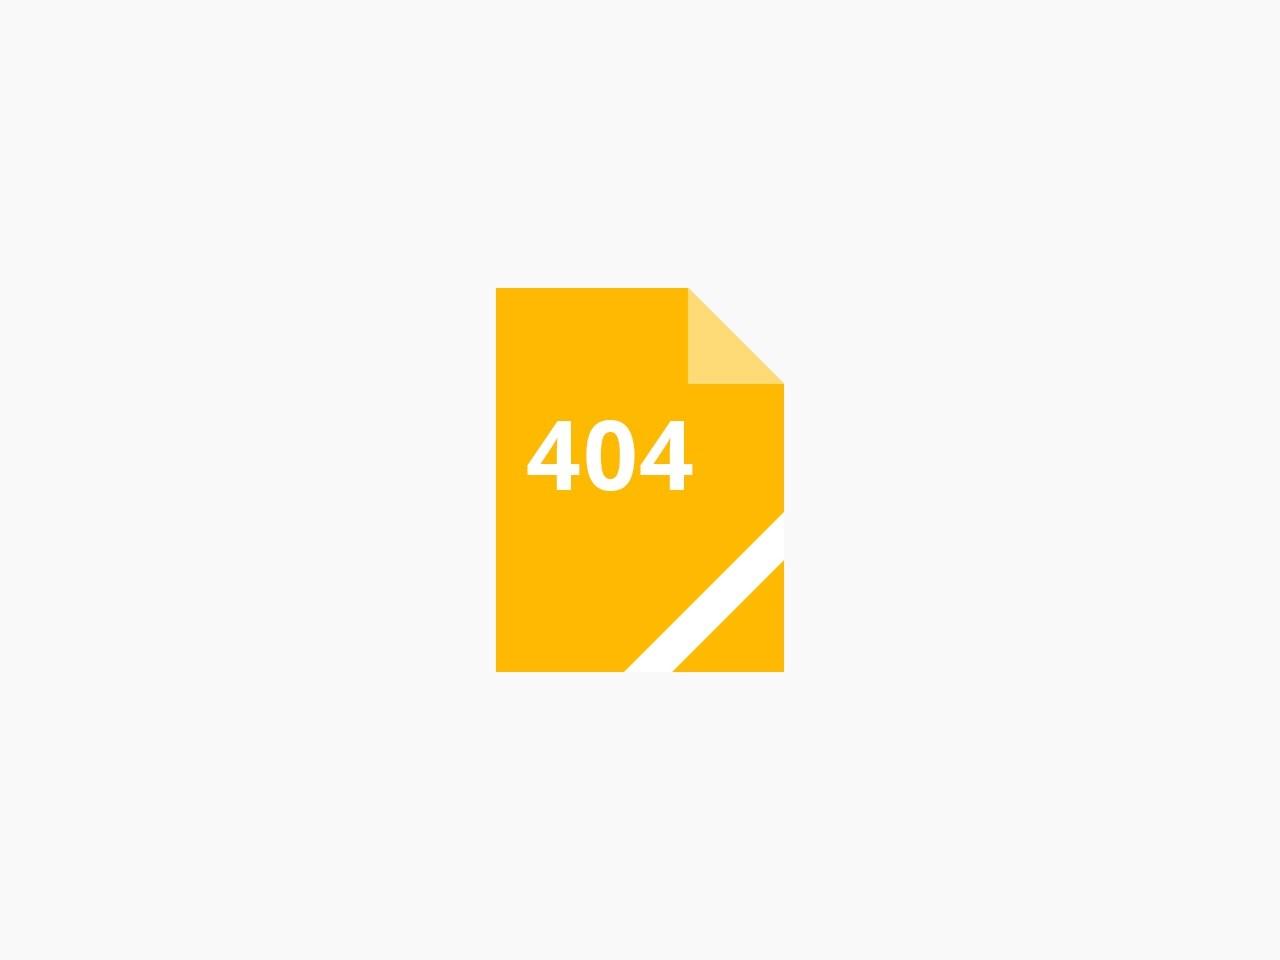 http://webdesignrecipes.com/how-to-customize-wordpress-gallery/